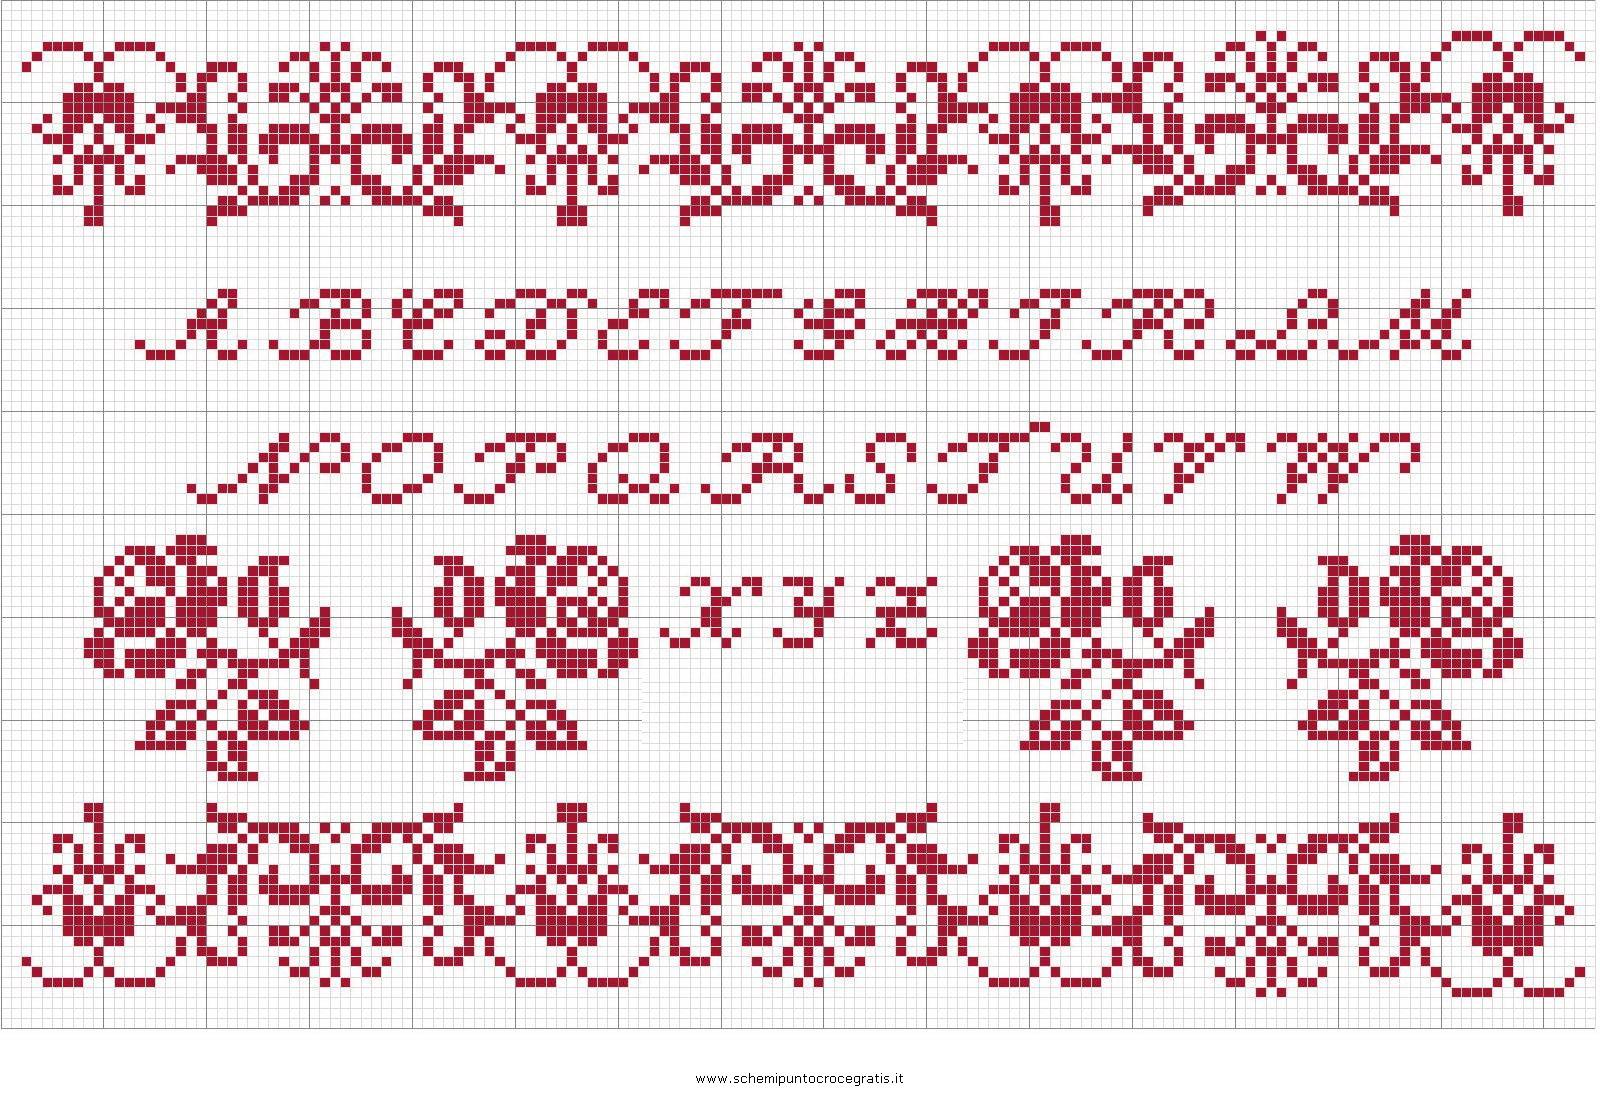 Puntocroce alfabeto 26 schema punto croce gratuito da stampare for Punto croce schemi alfabeto